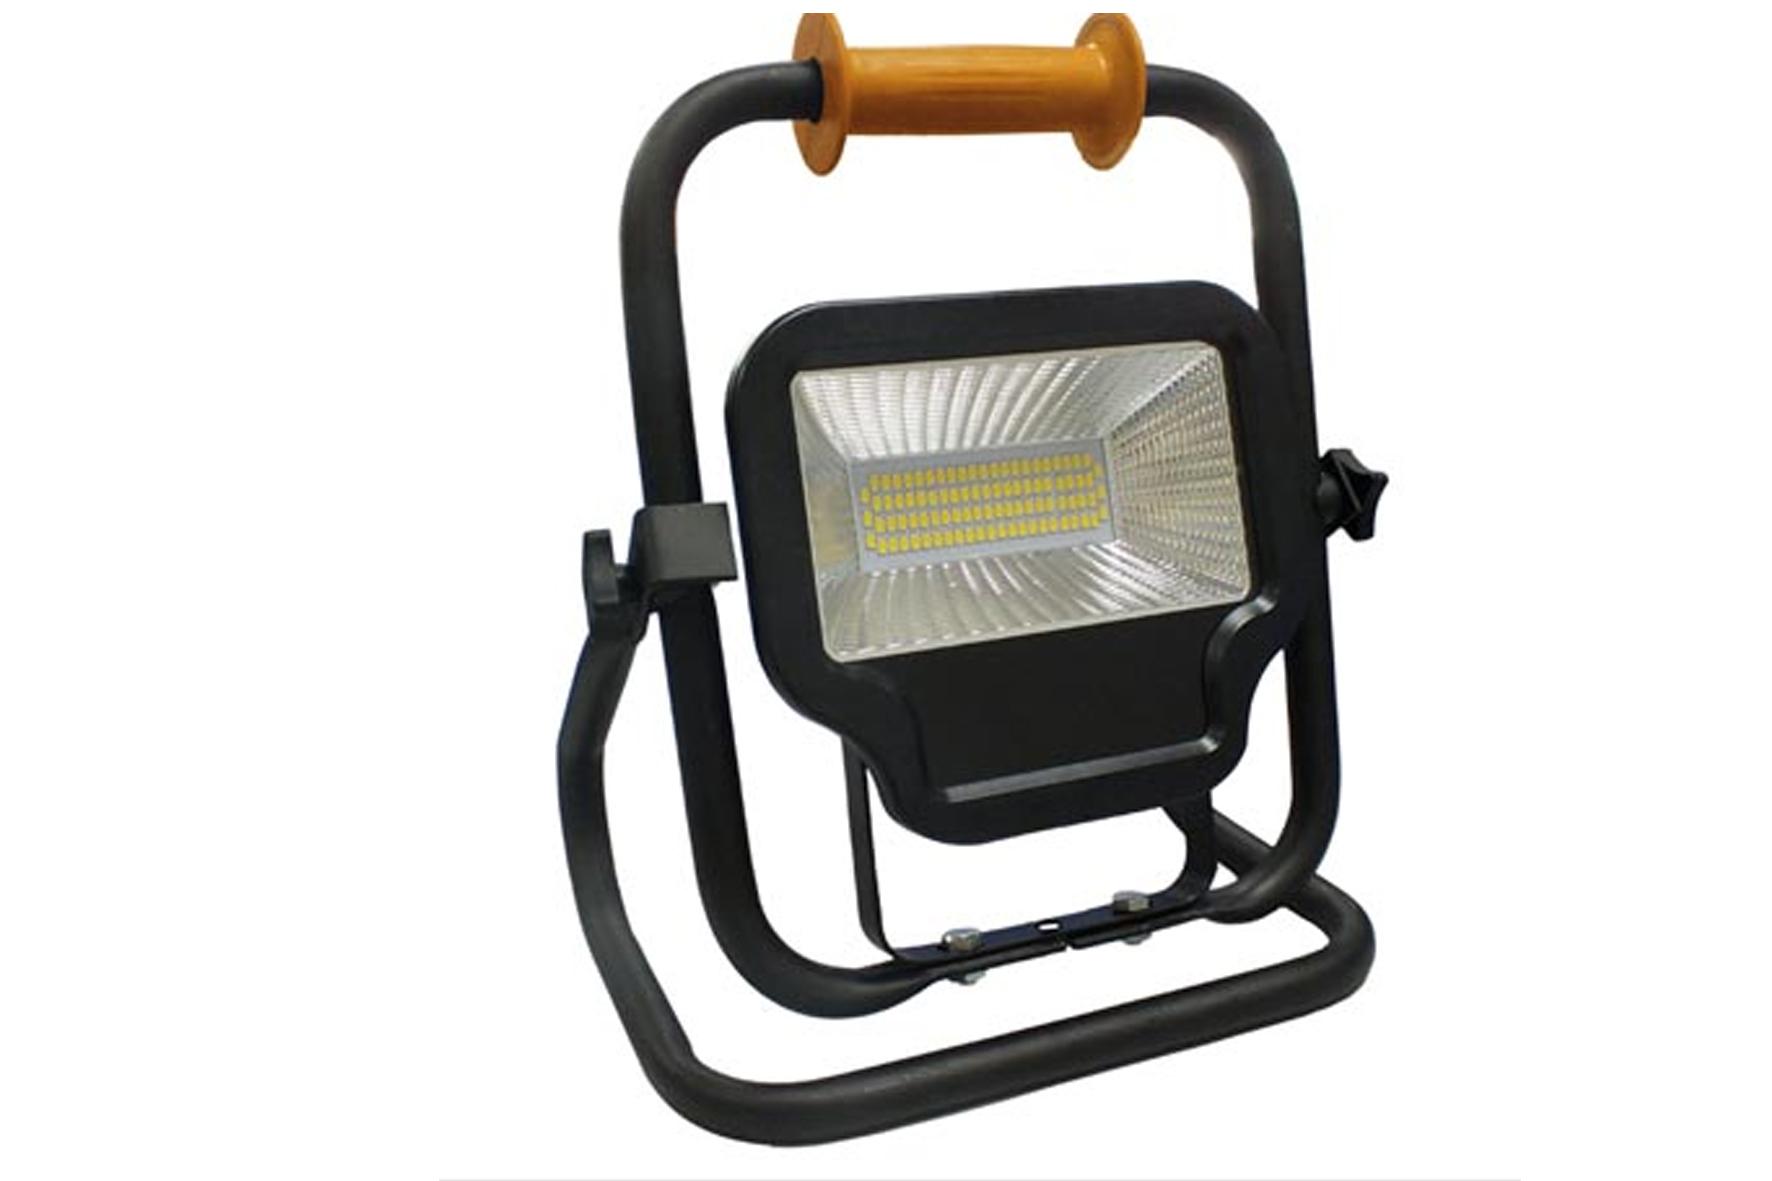 lampe de chantier portatif led pro perel achat en ligne ou dans notre magasin. Black Bedroom Furniture Sets. Home Design Ideas